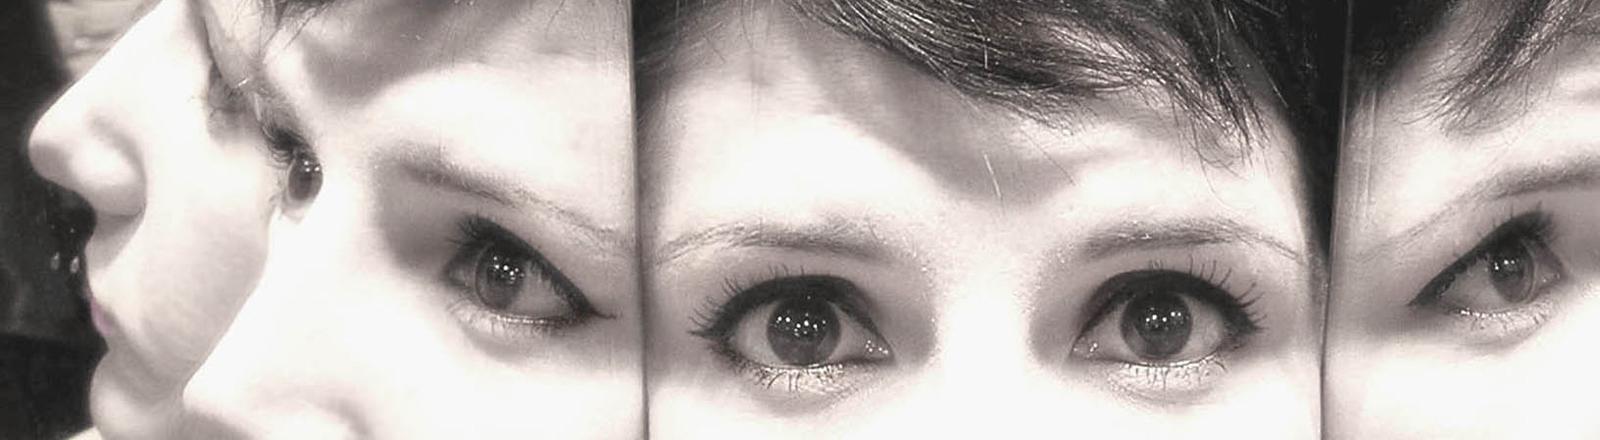 Eine Frau in einem Spiegel. Symbolbild für viele Persönlichkeiten.